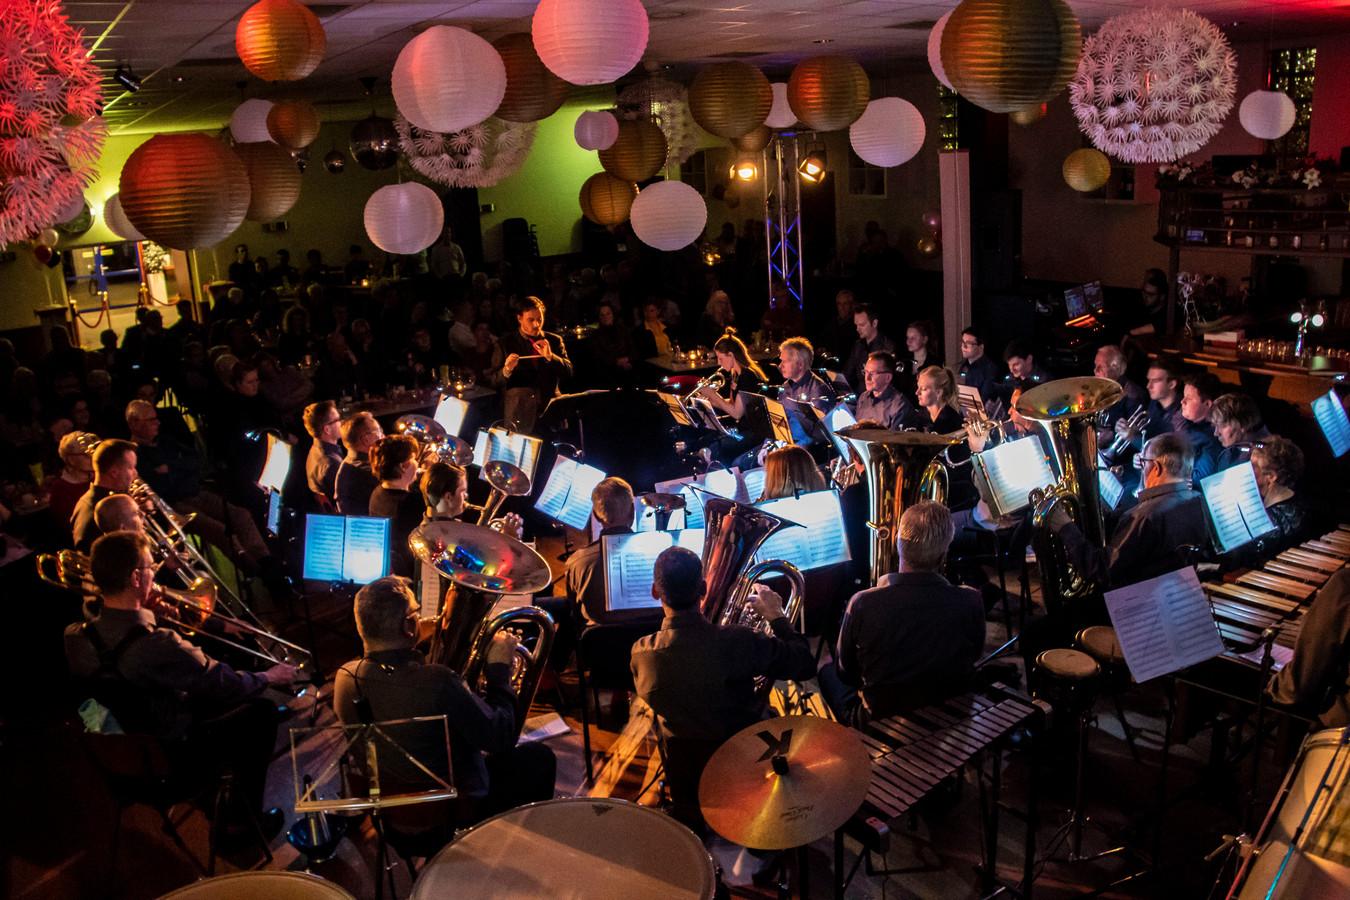 De 100-jarige Brassband Harp en Luit in de huidige bezetting onder leiding van Maarten van der Kolk op het jubileumopeningsconcert op 7 februari in Dorpshuis de Koels in Vuren.